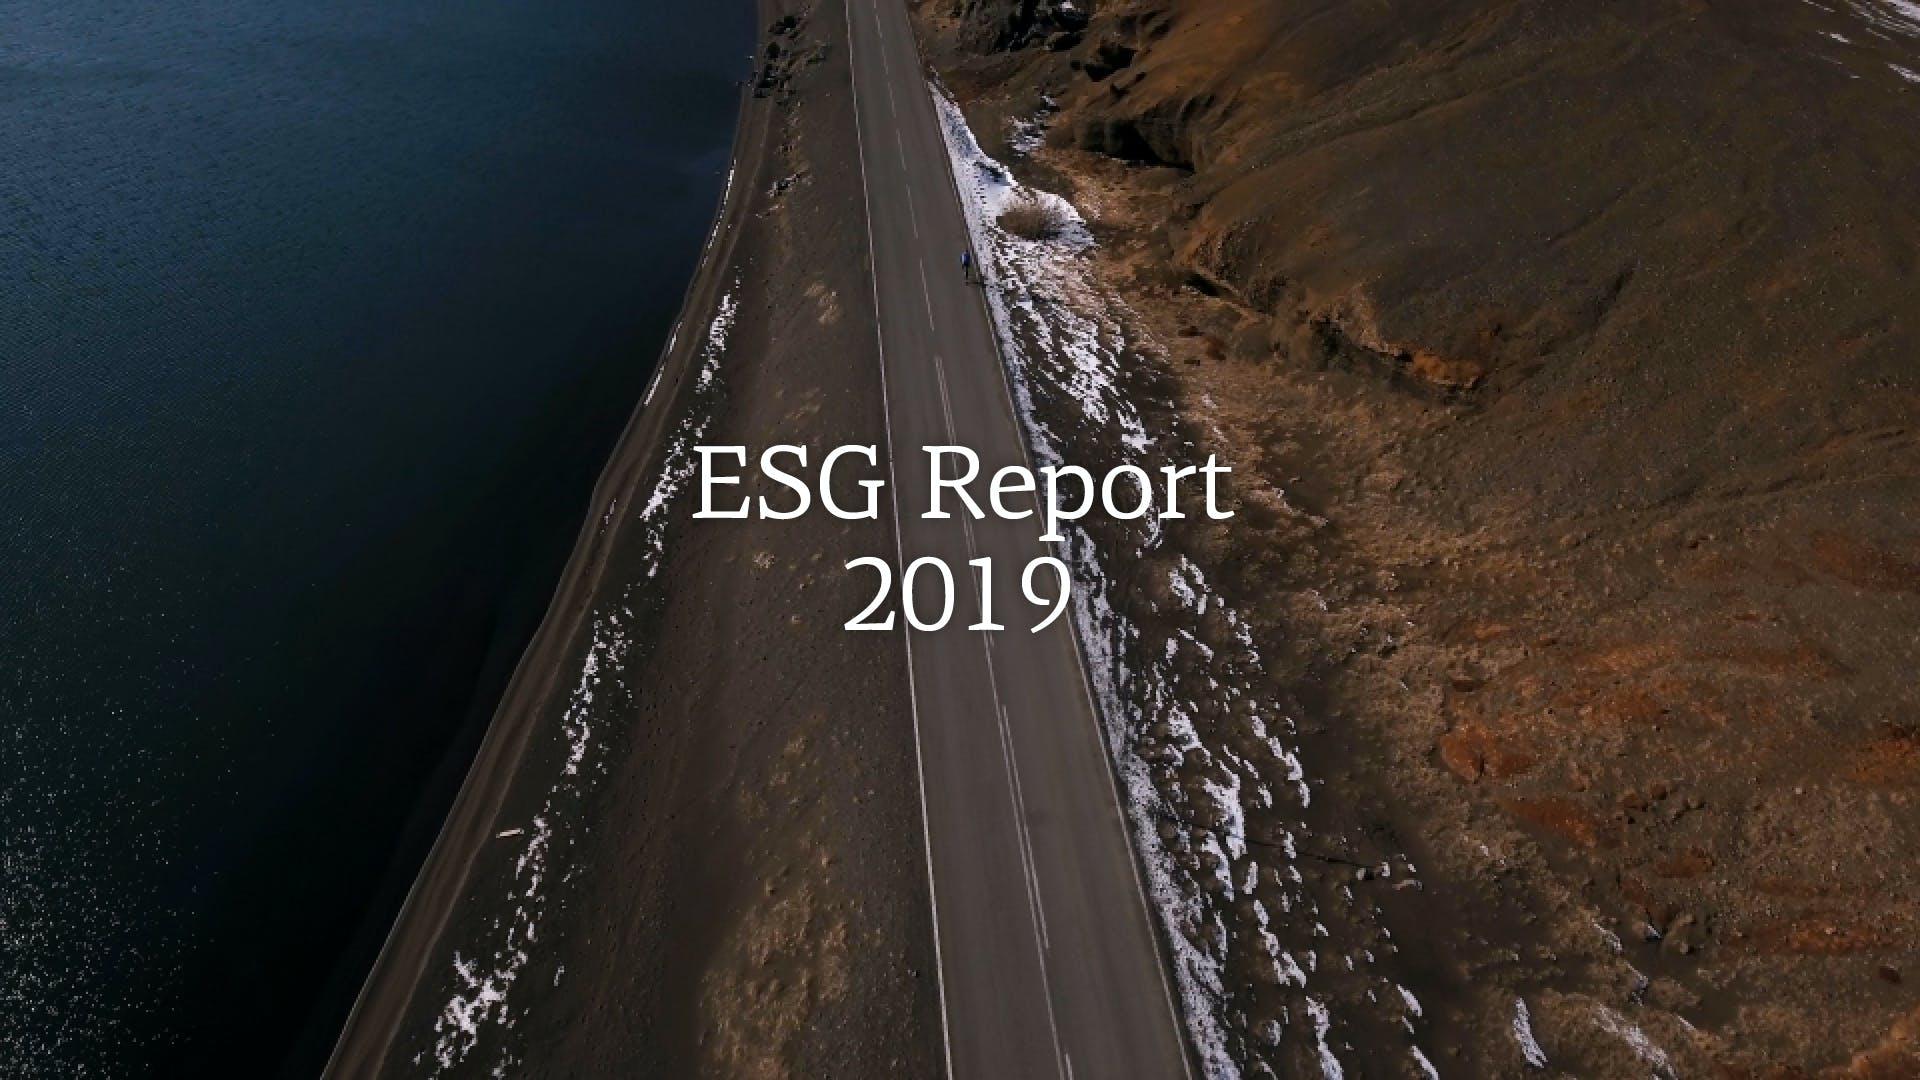 ESG Report 2019